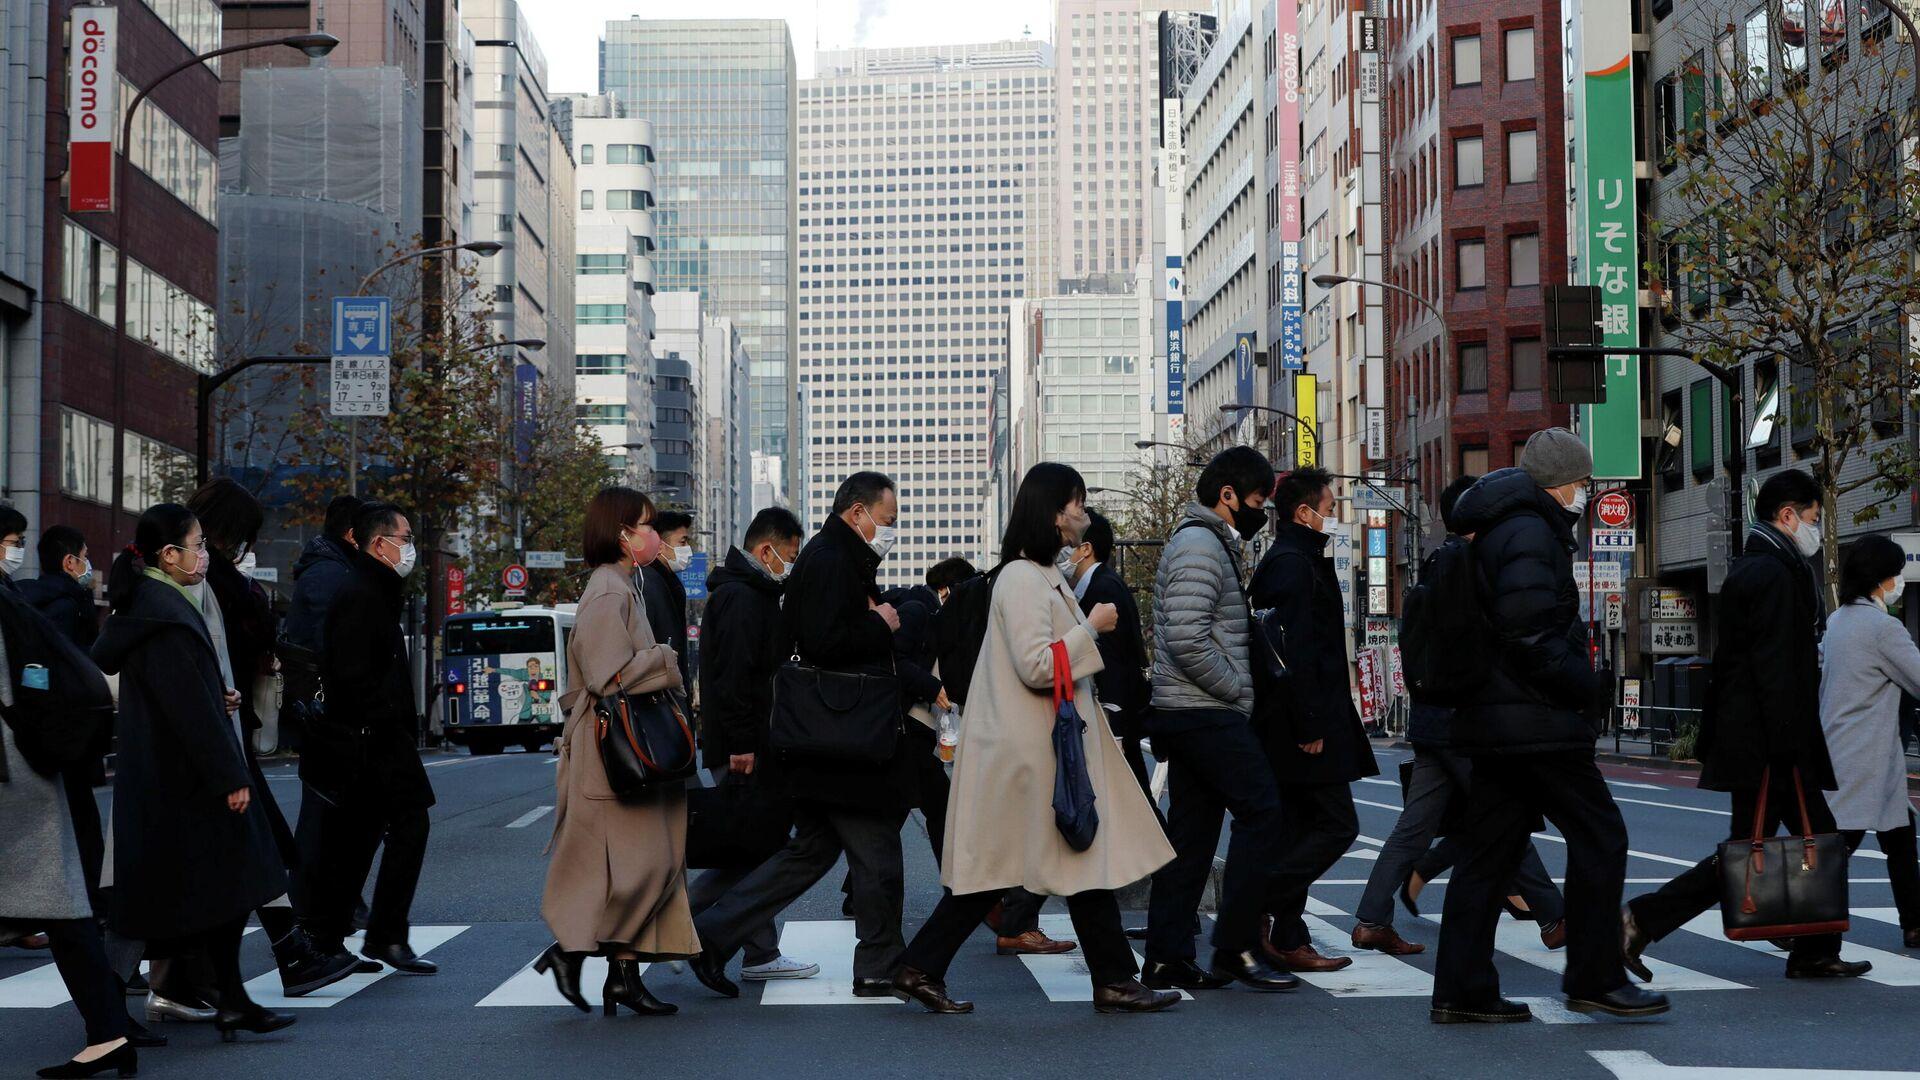 Прохожие на улице в Токио - РИА Новости, 1920, 22.01.2021